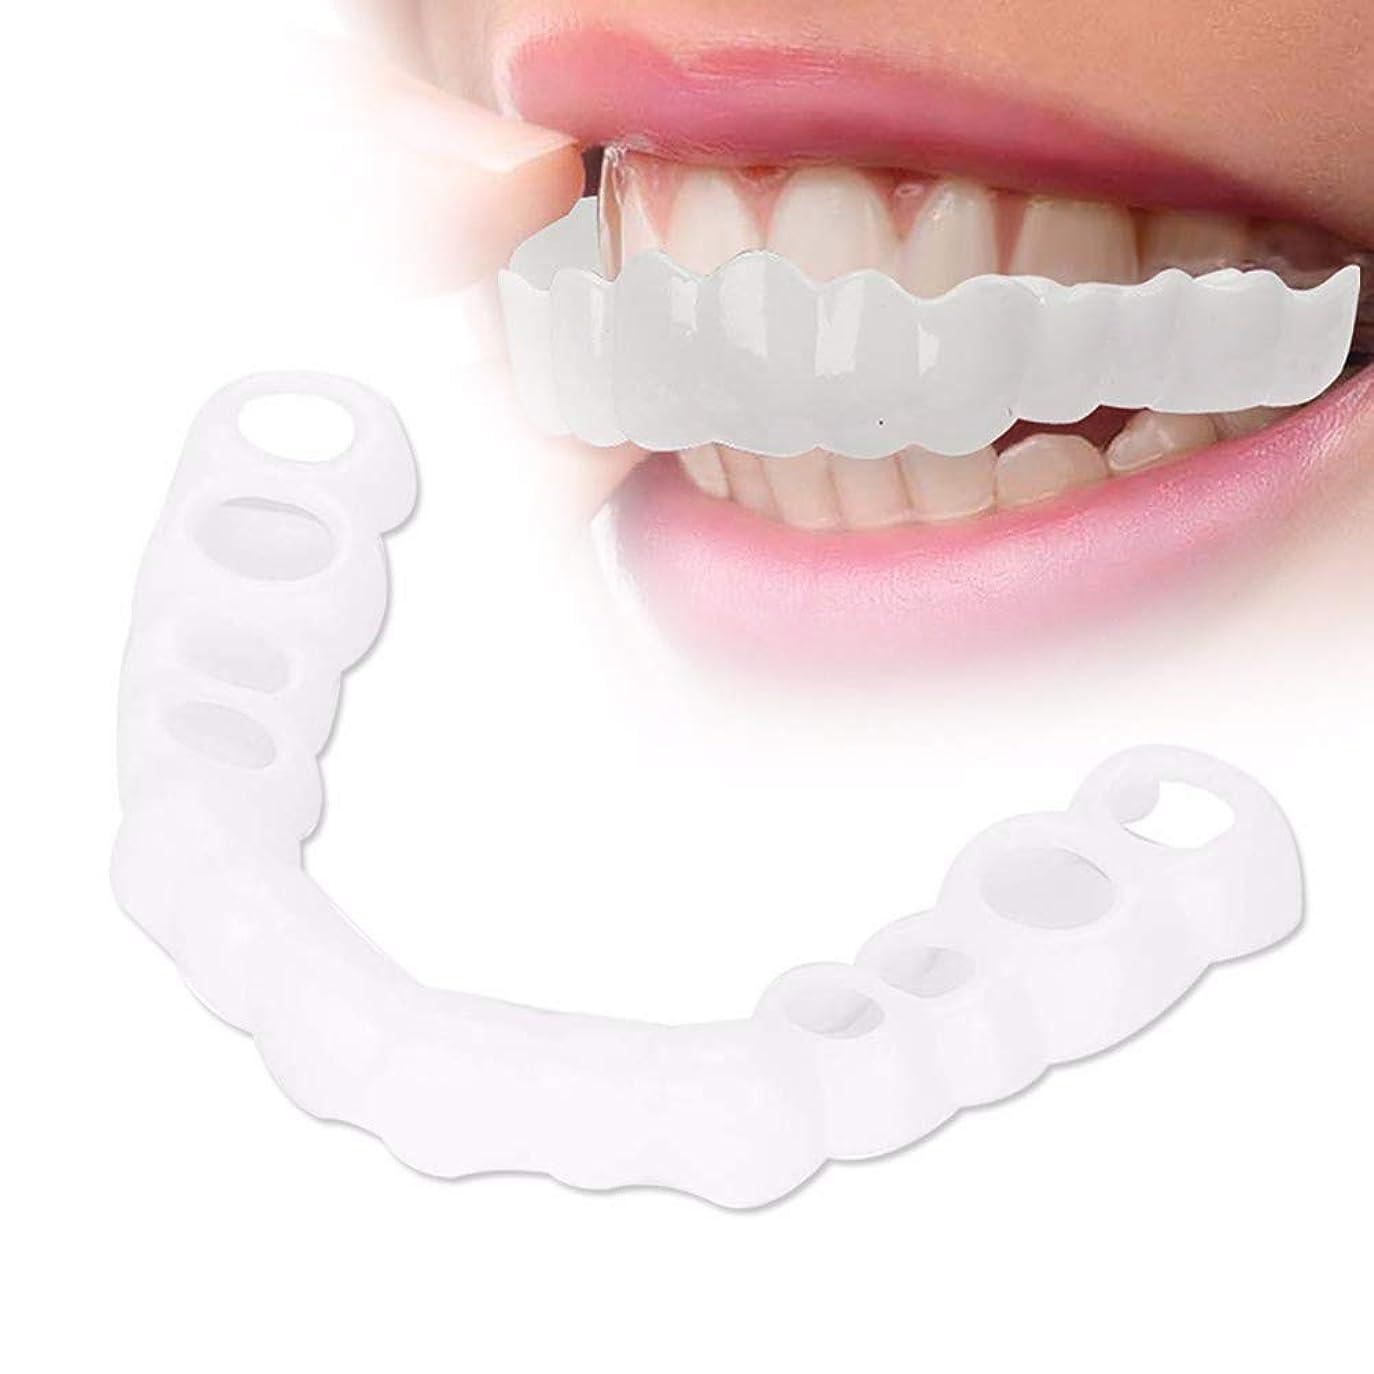 キラウエア山考古学的な切断する一時的な笑顔の快適さフィット化粧品の歯義歯のベニヤの歯快適さのフィットフレックス化粧品の歯の歯のベニア(上の歯)